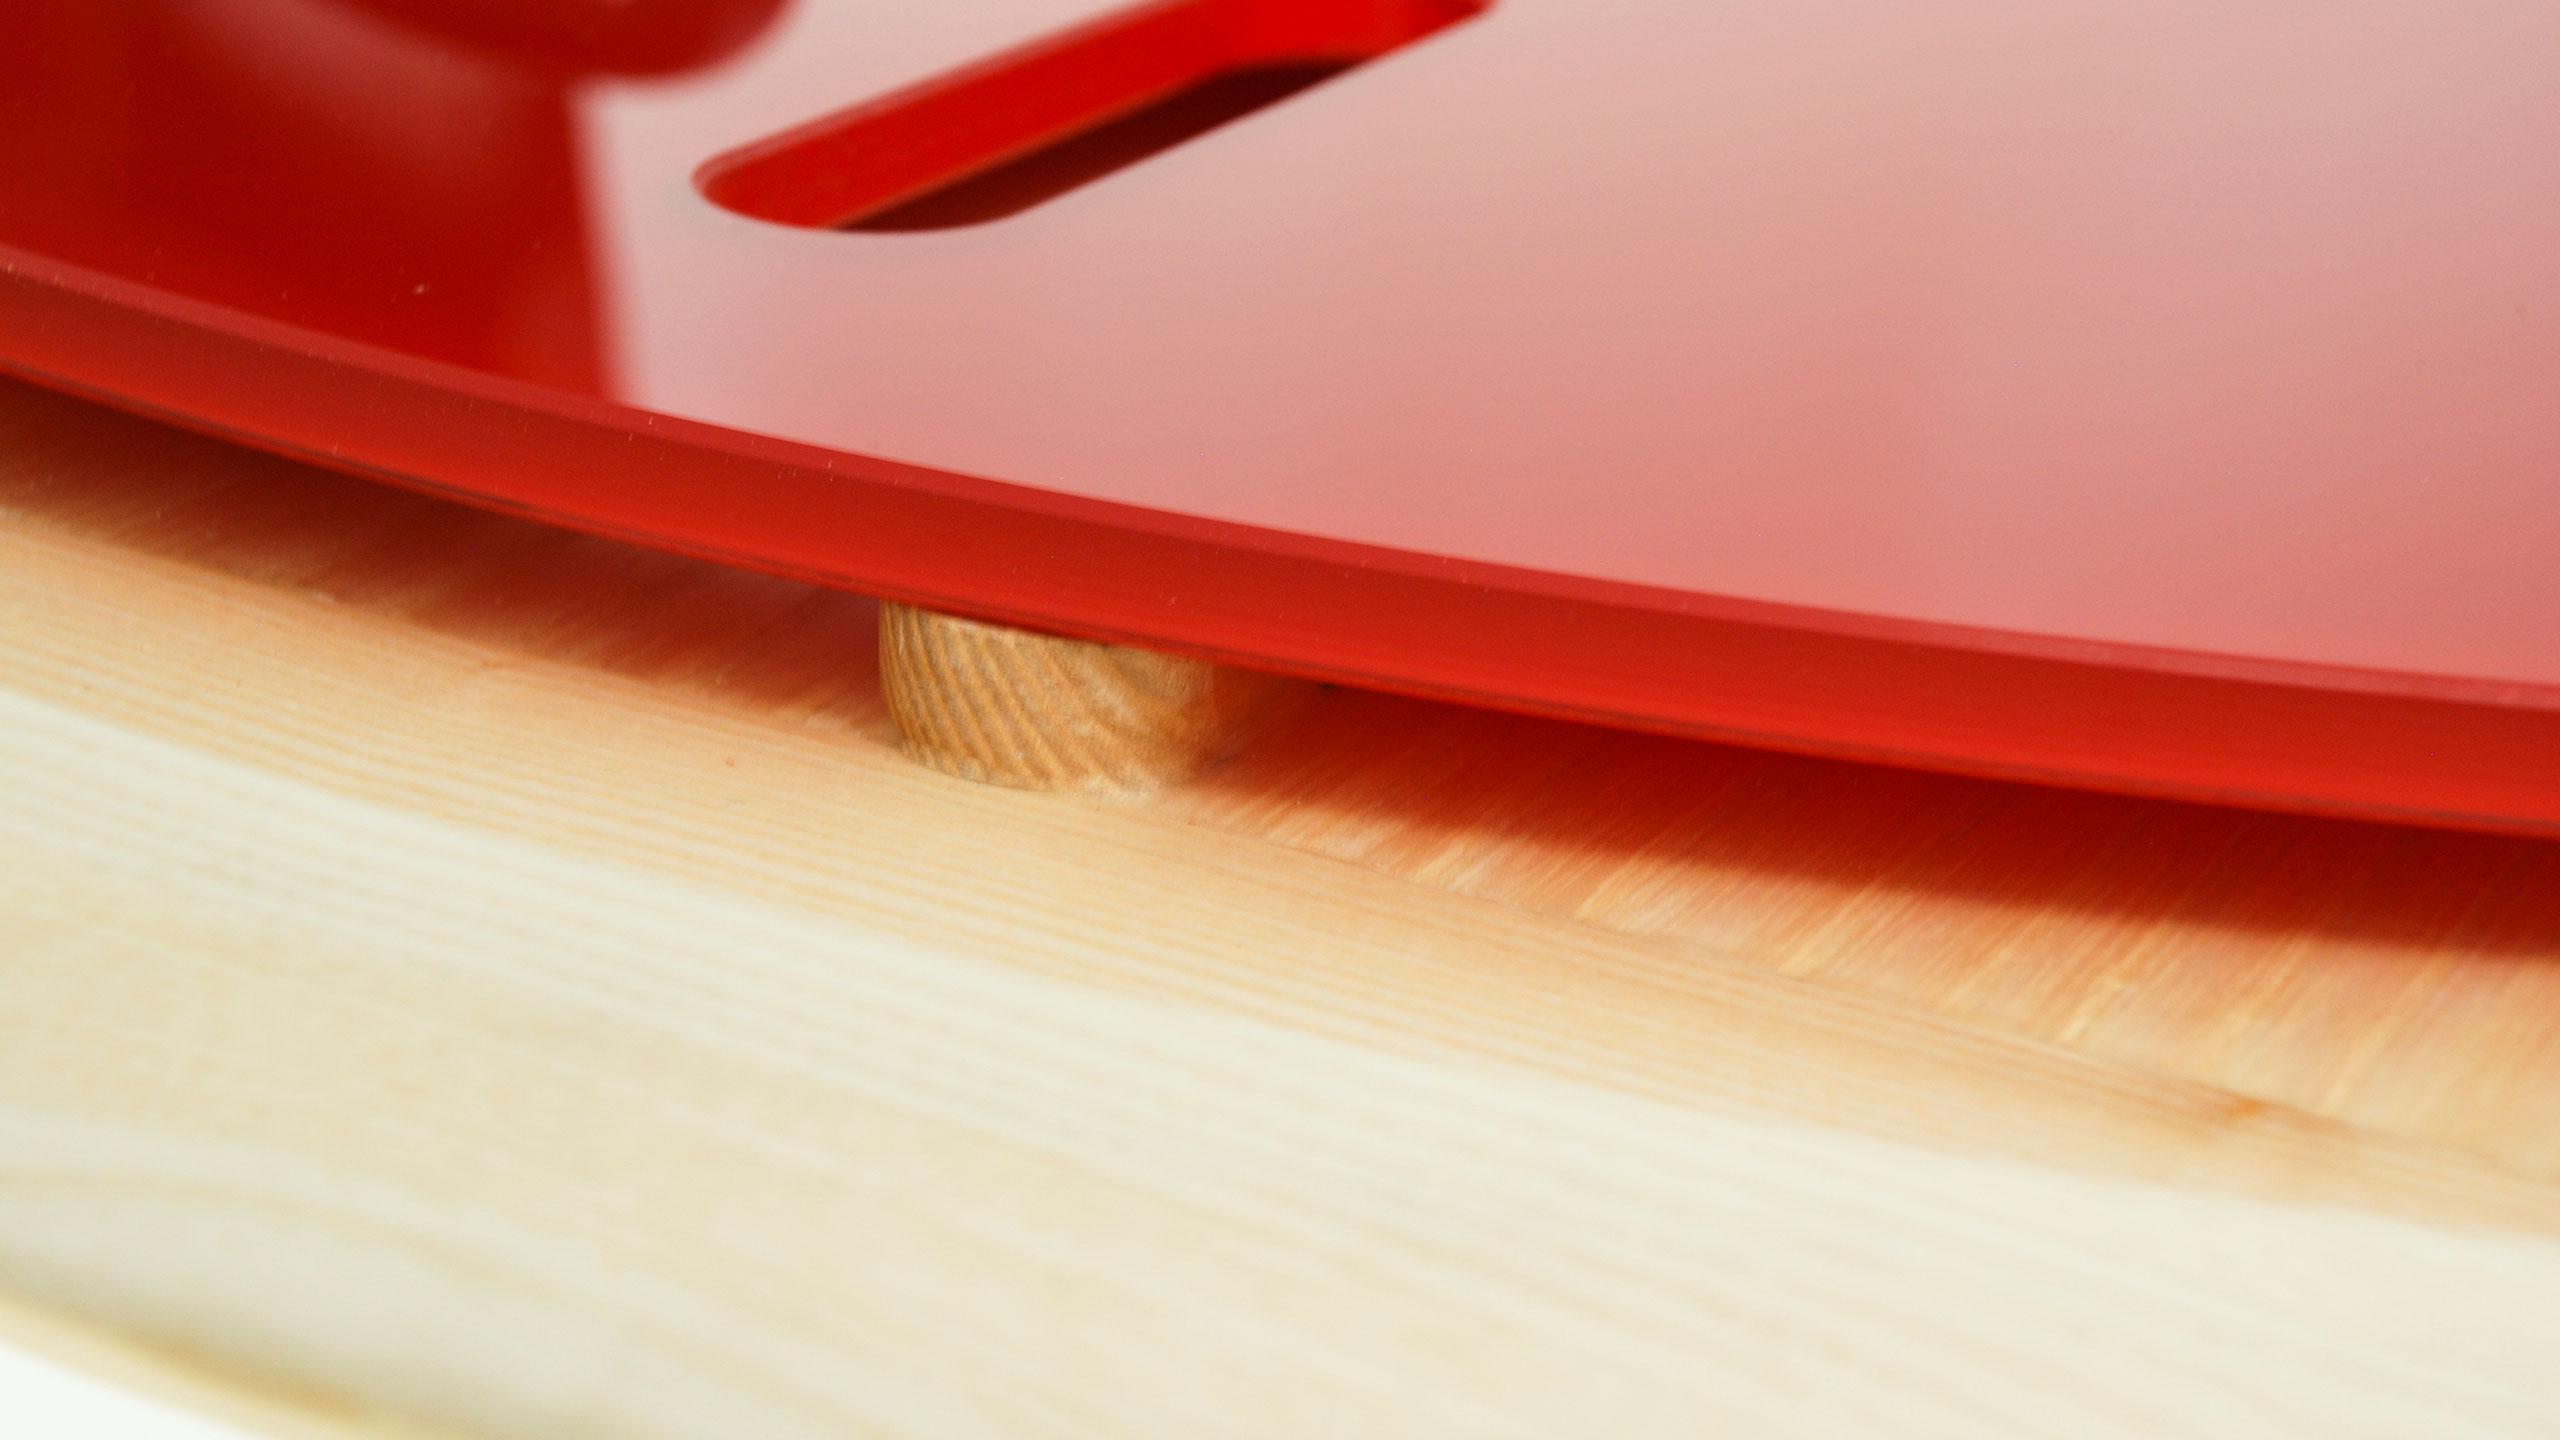 detalle_diseno_producto_mobiliario_mesa_cret_cret_madera_fresno_cristal_rojo